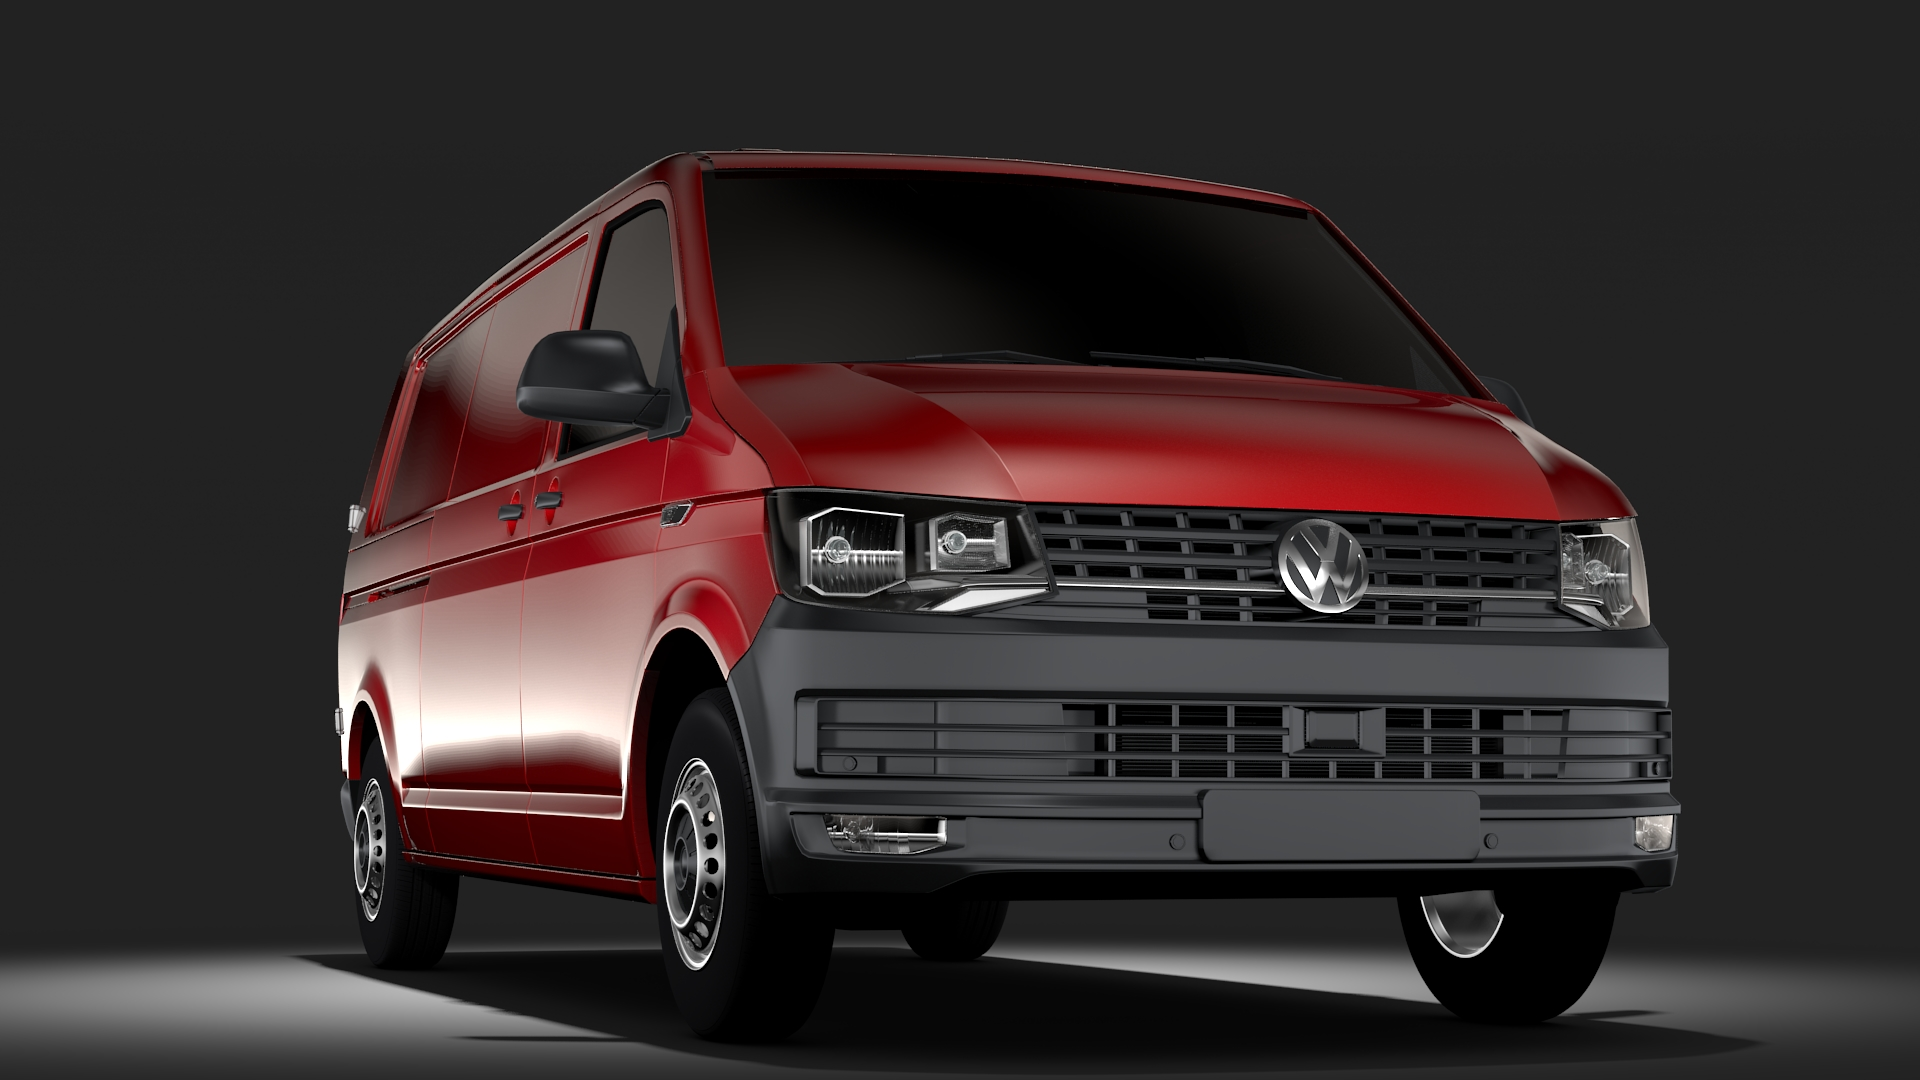 volkswagen transporter van l2h1 t6 2017 3d model max fbx c4d lwo ma mb hrc xsi obj 275230